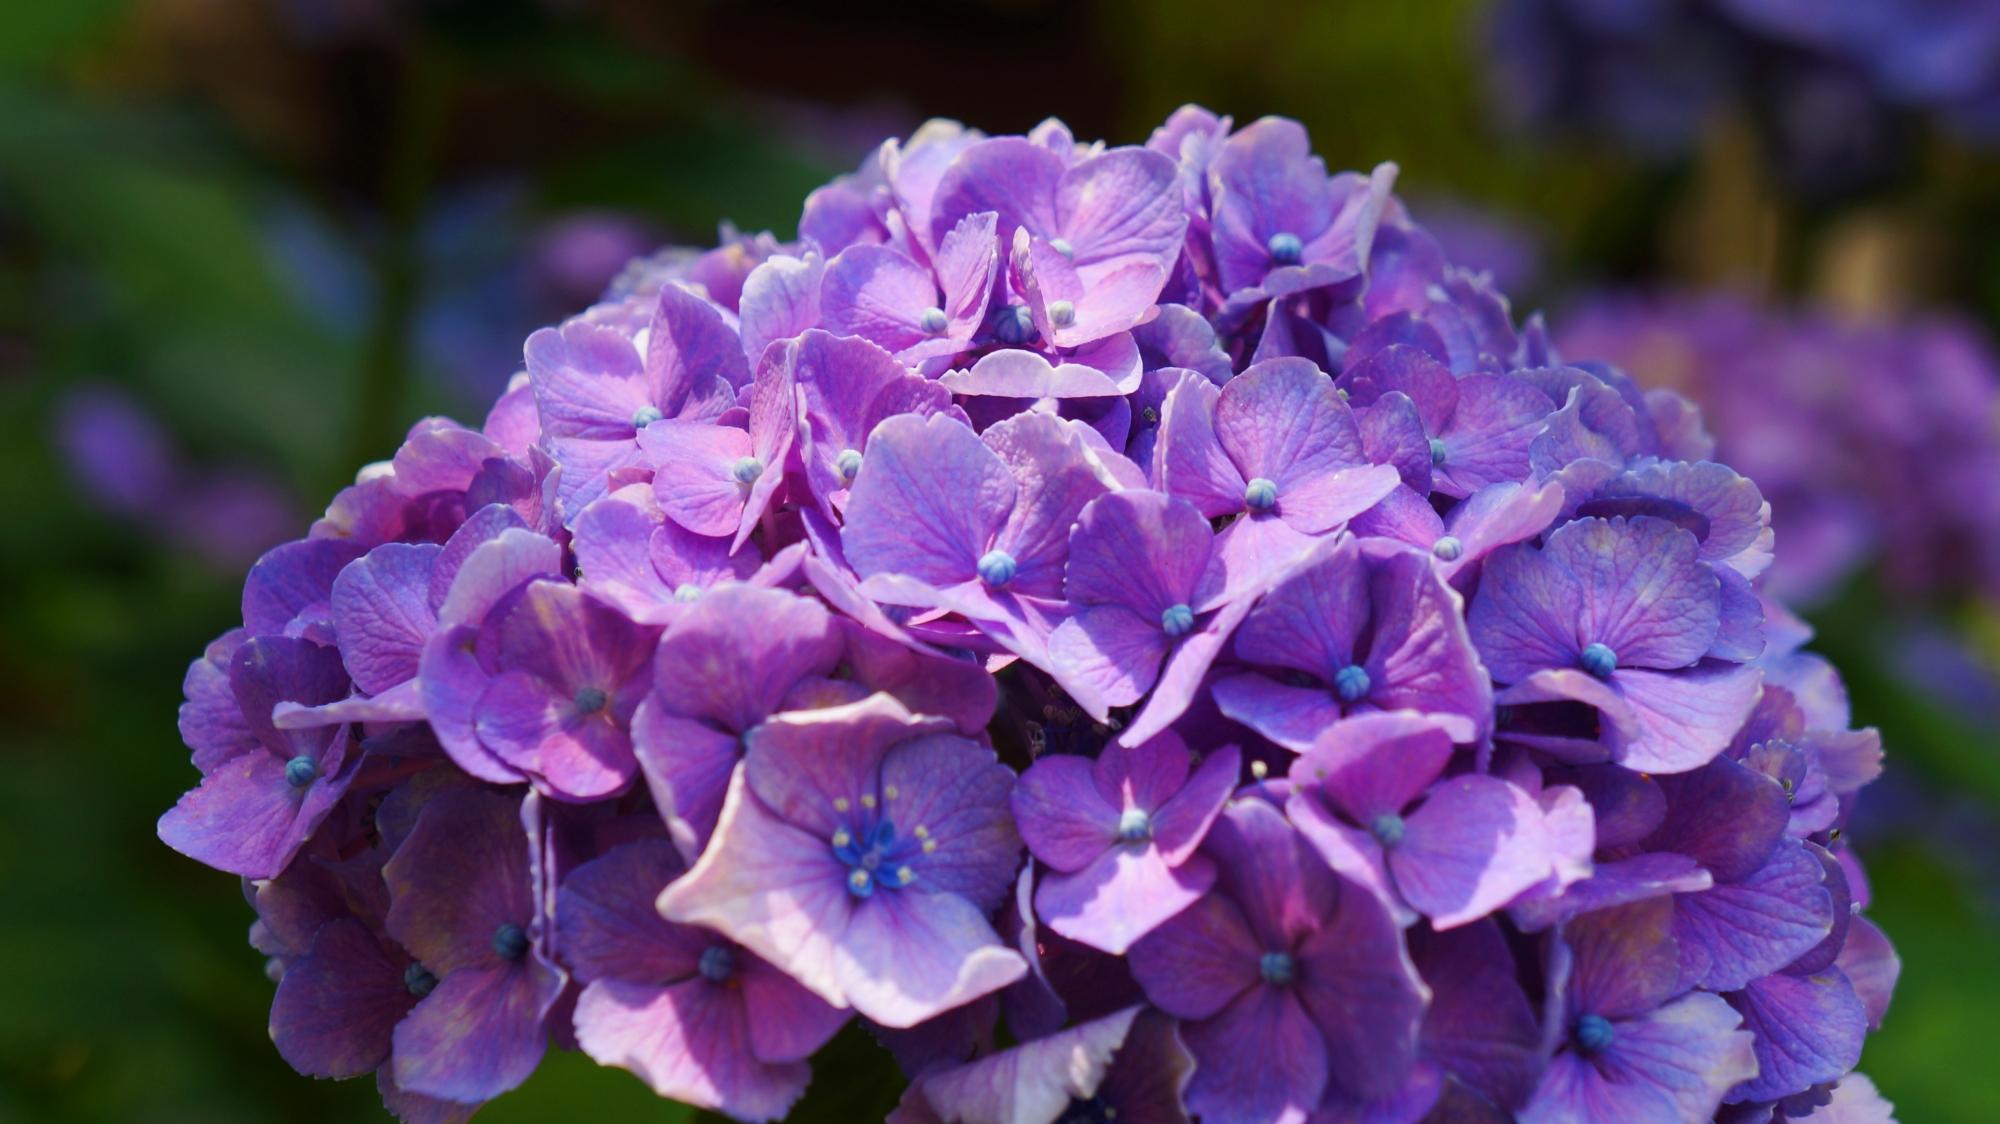 法金剛院の太陽を浴びて煌く紫色の紫陽花